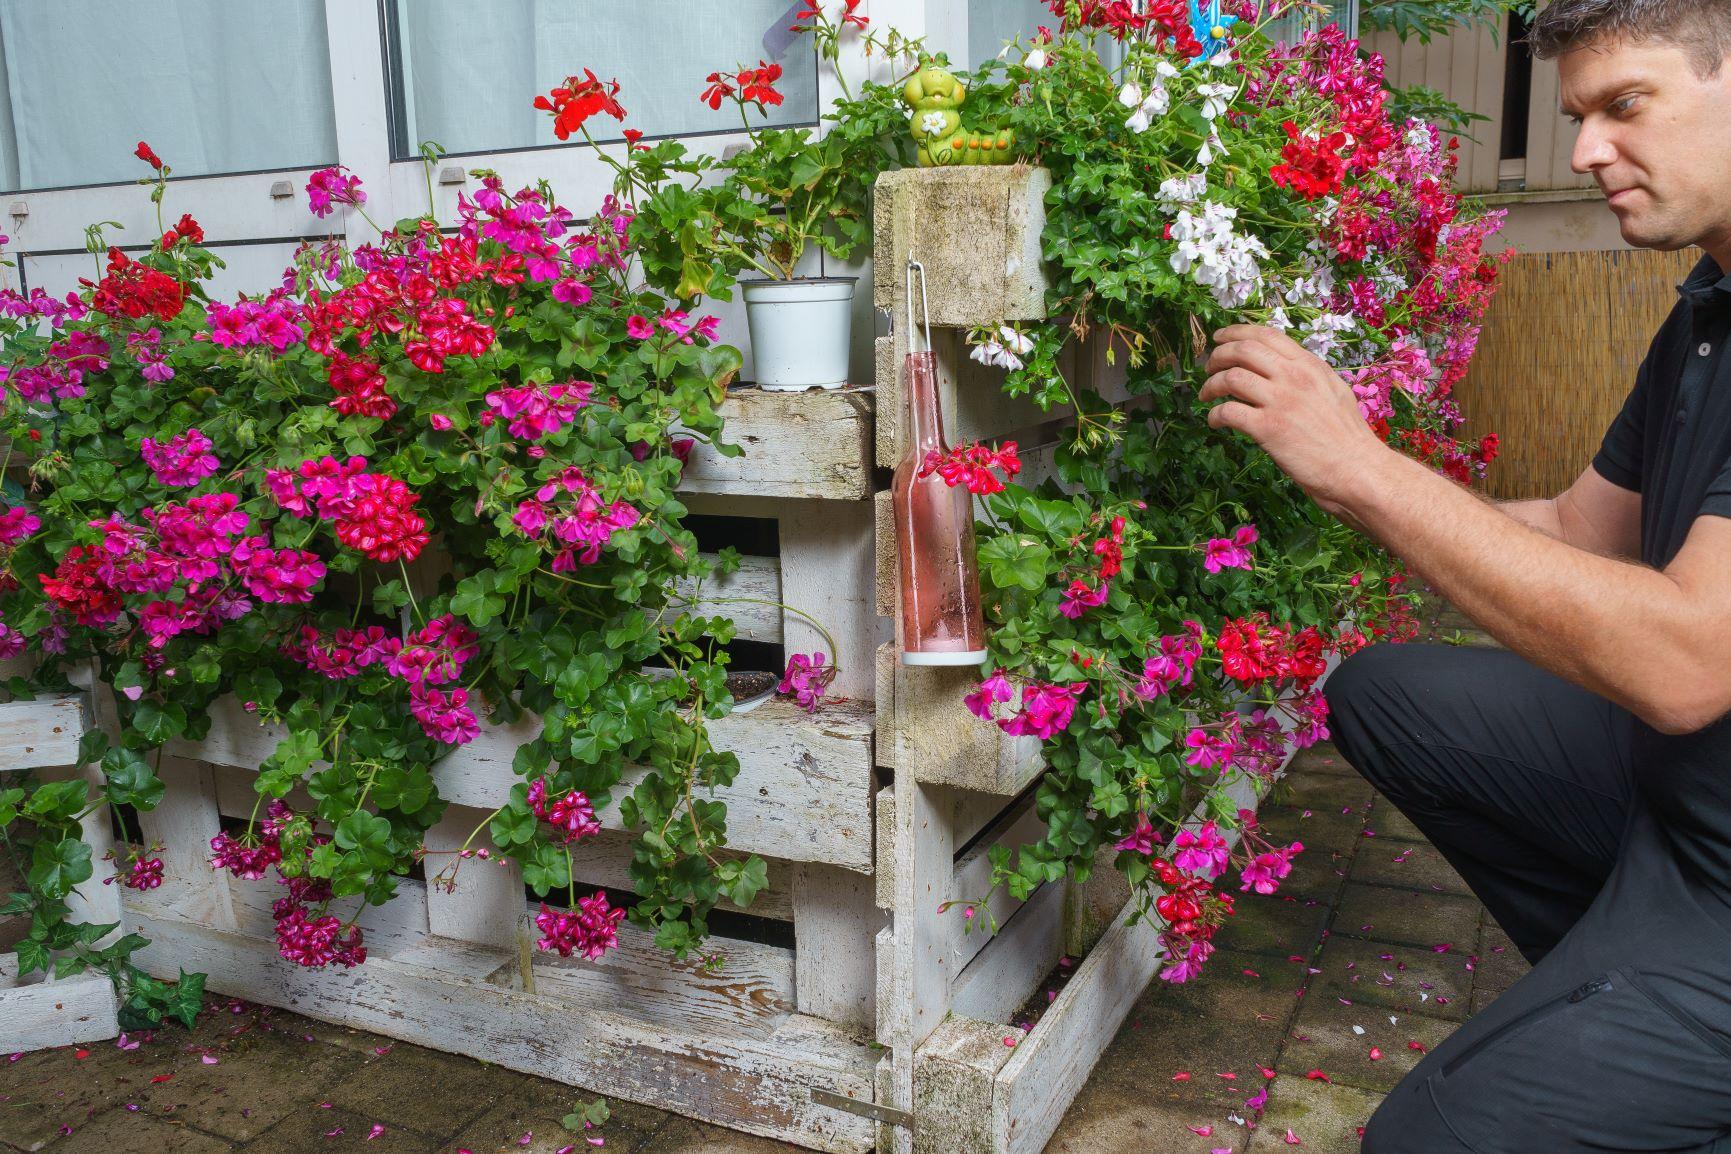 Full Size of Sichtschutz Paletten Bepflanzen So Gestalten Sie Ihren Eigenen Blickfang Garten Fenster Sichtschutzfolie Einseitig Durchsichtig Bett Aus Kaufen Für Wpc Wohnzimmer Sichtschutz Paletten